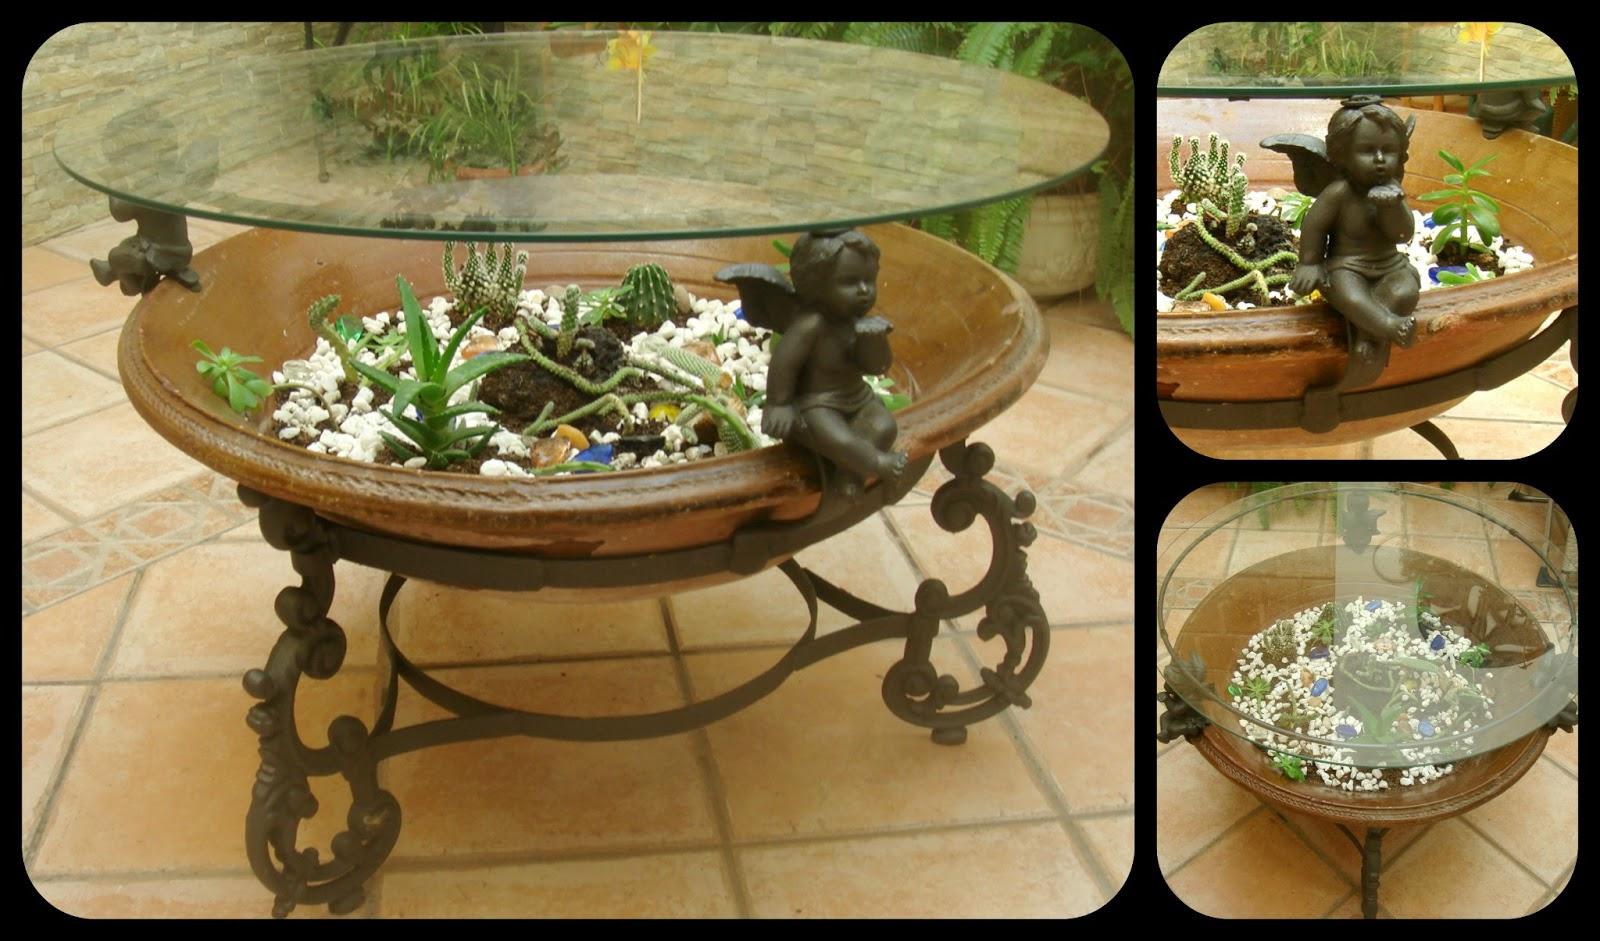 Recicla y decora vanyi creaciones for Como decorar el patio de tu casa